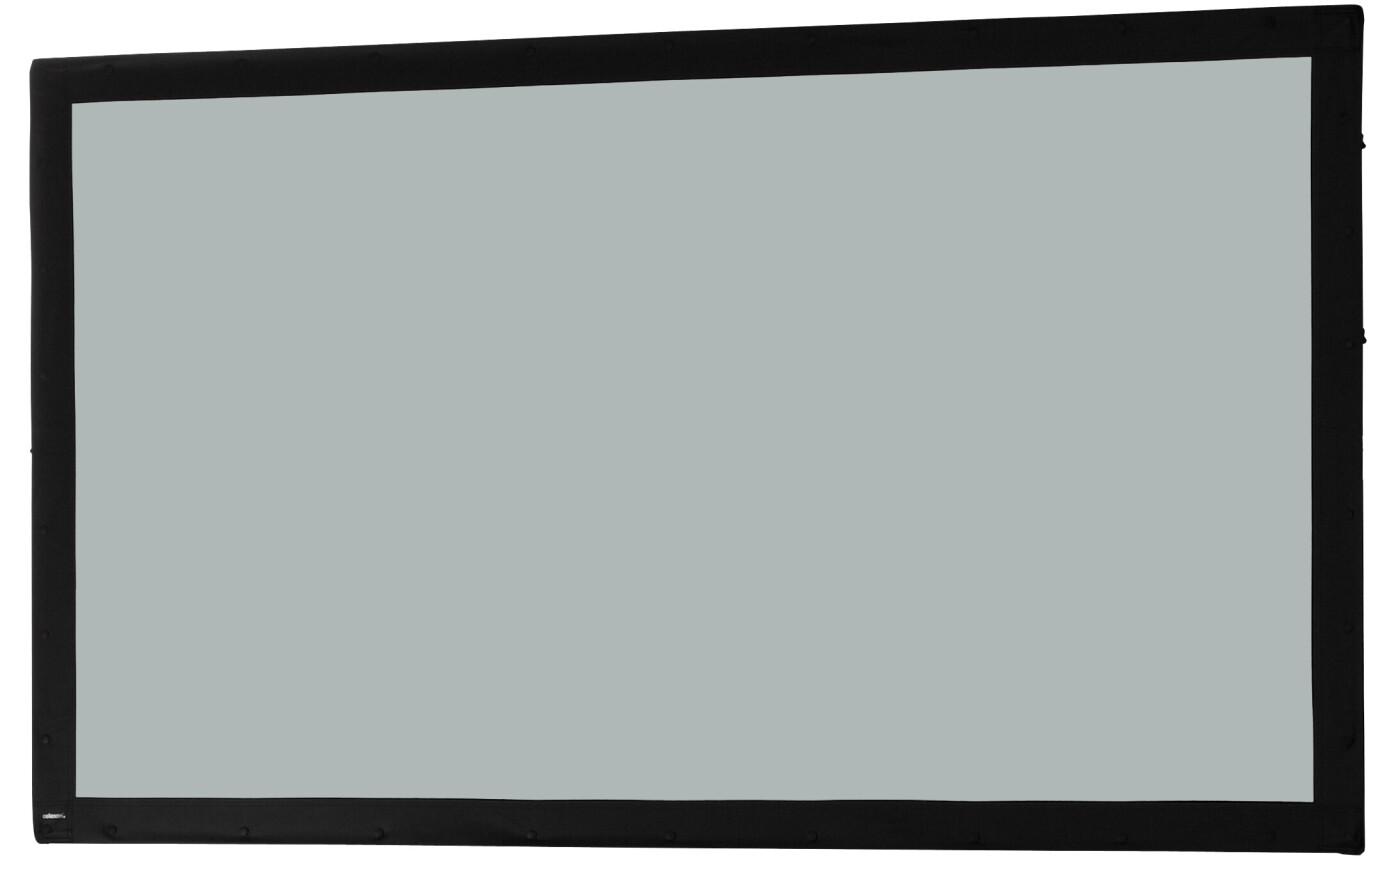 Toile 406 x 228 cm - Rétroprojection pour Ecran de projection sur Cadre celexon